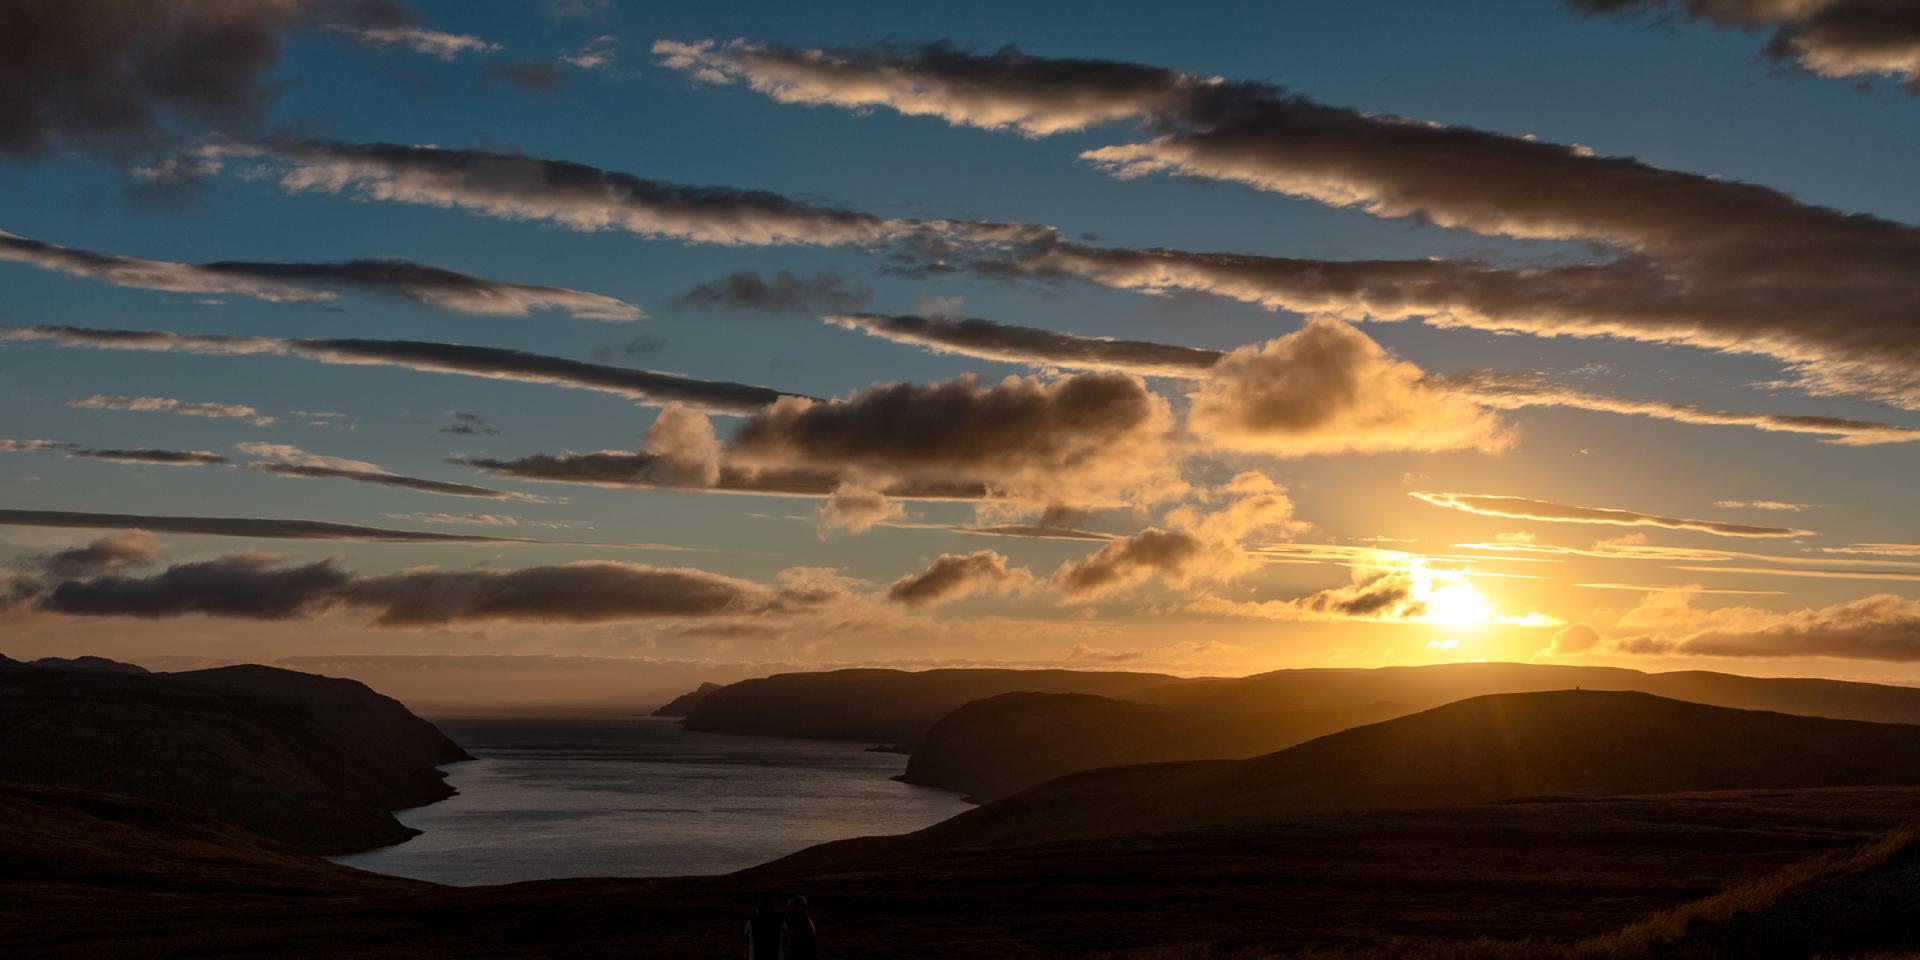 - Il sole di Mezzanotte sopra l'isola di CapoNOrd a pochi Km dal famoso monumento che identifica il punto più estremo del Capo stesso -